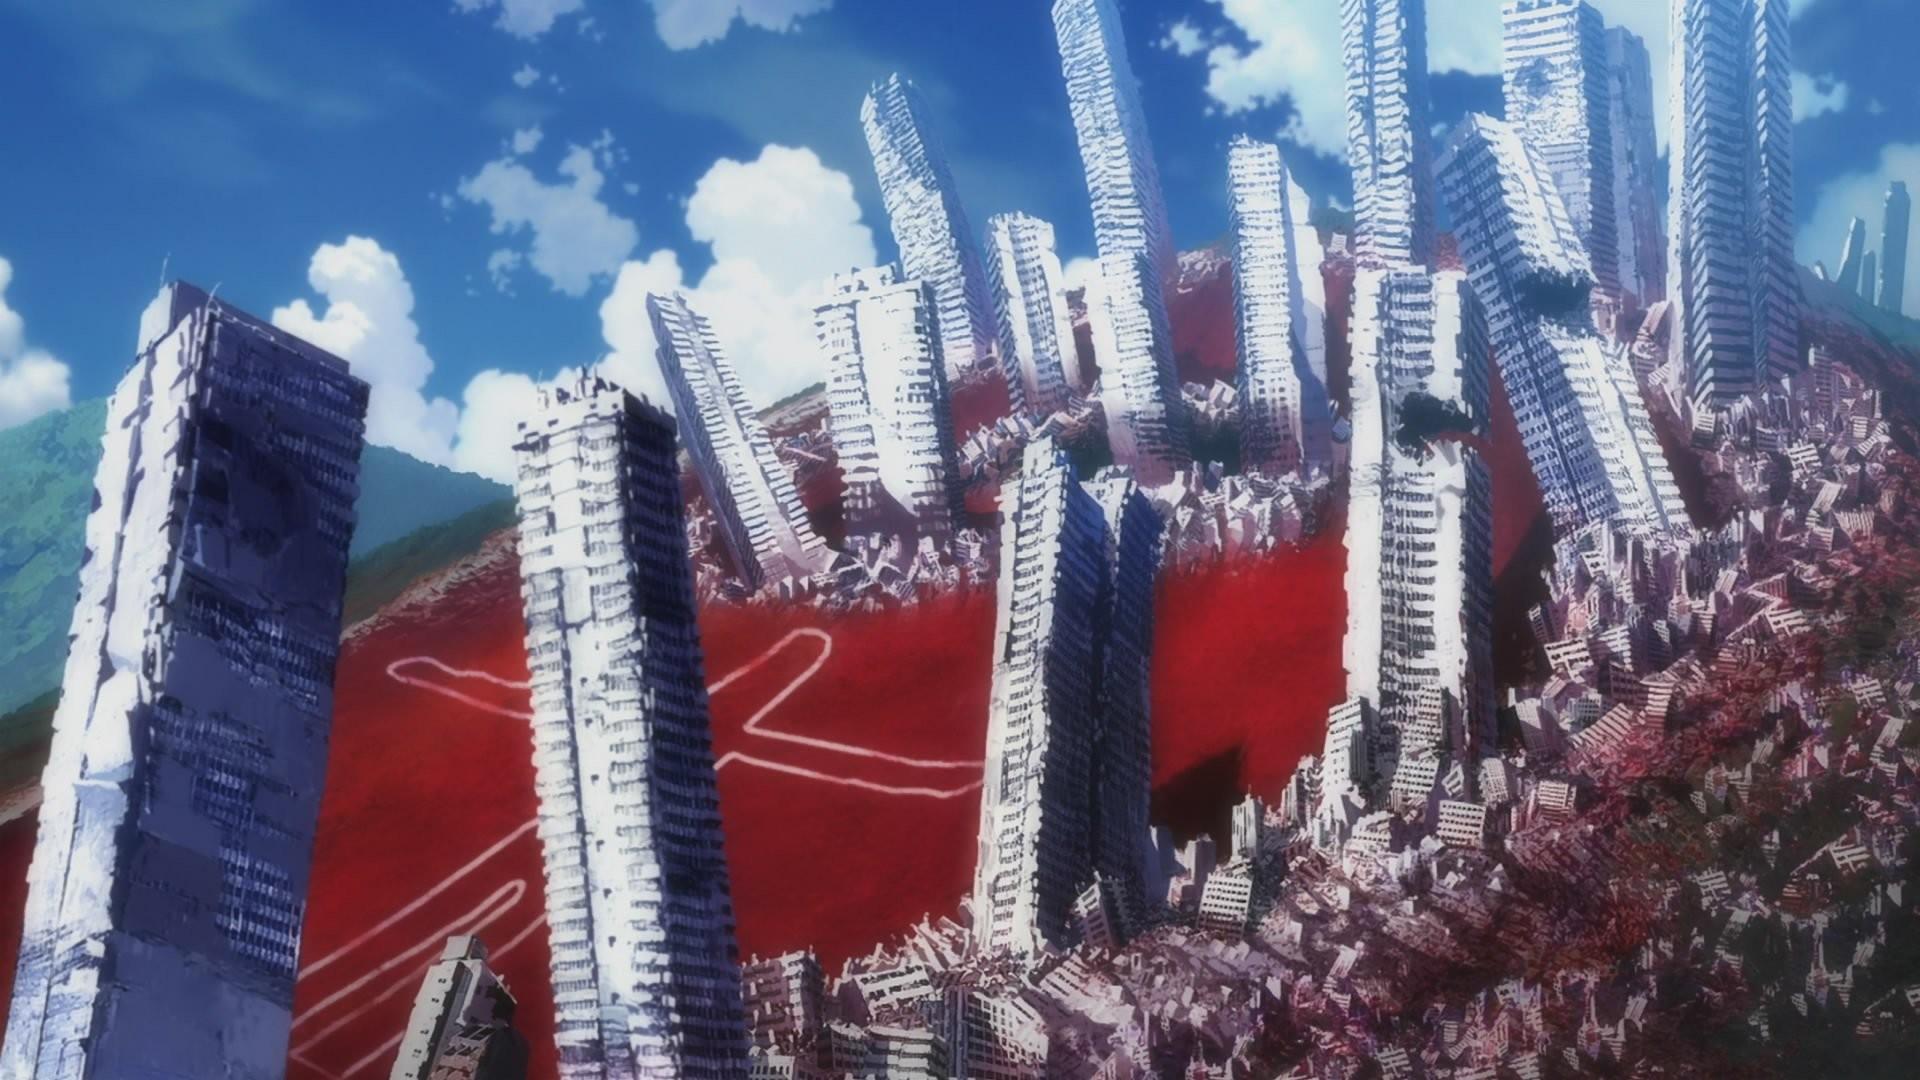 Evangelion Anima Neon Genesis Evangelion wallpaper Anime 1980×1080 Evangelion  Wallpaper (45 Wallpapers)